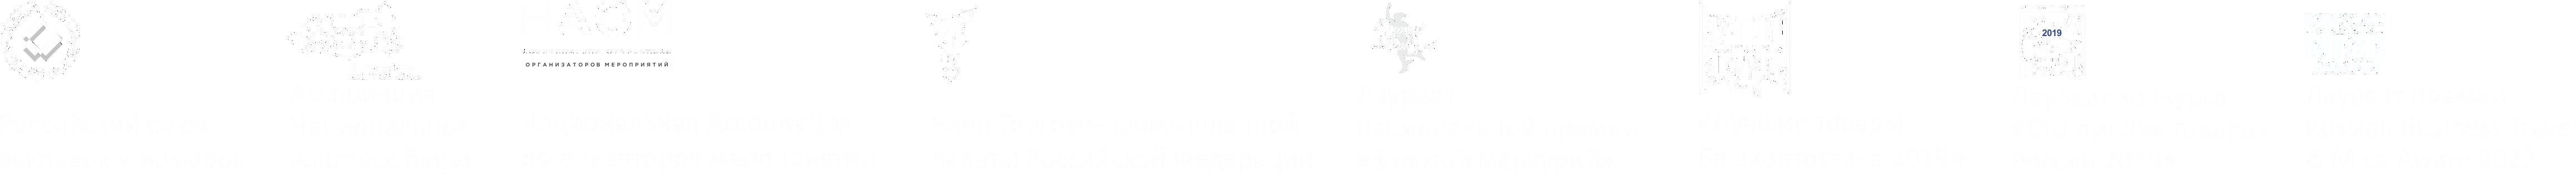 Логотипы достижений и членств